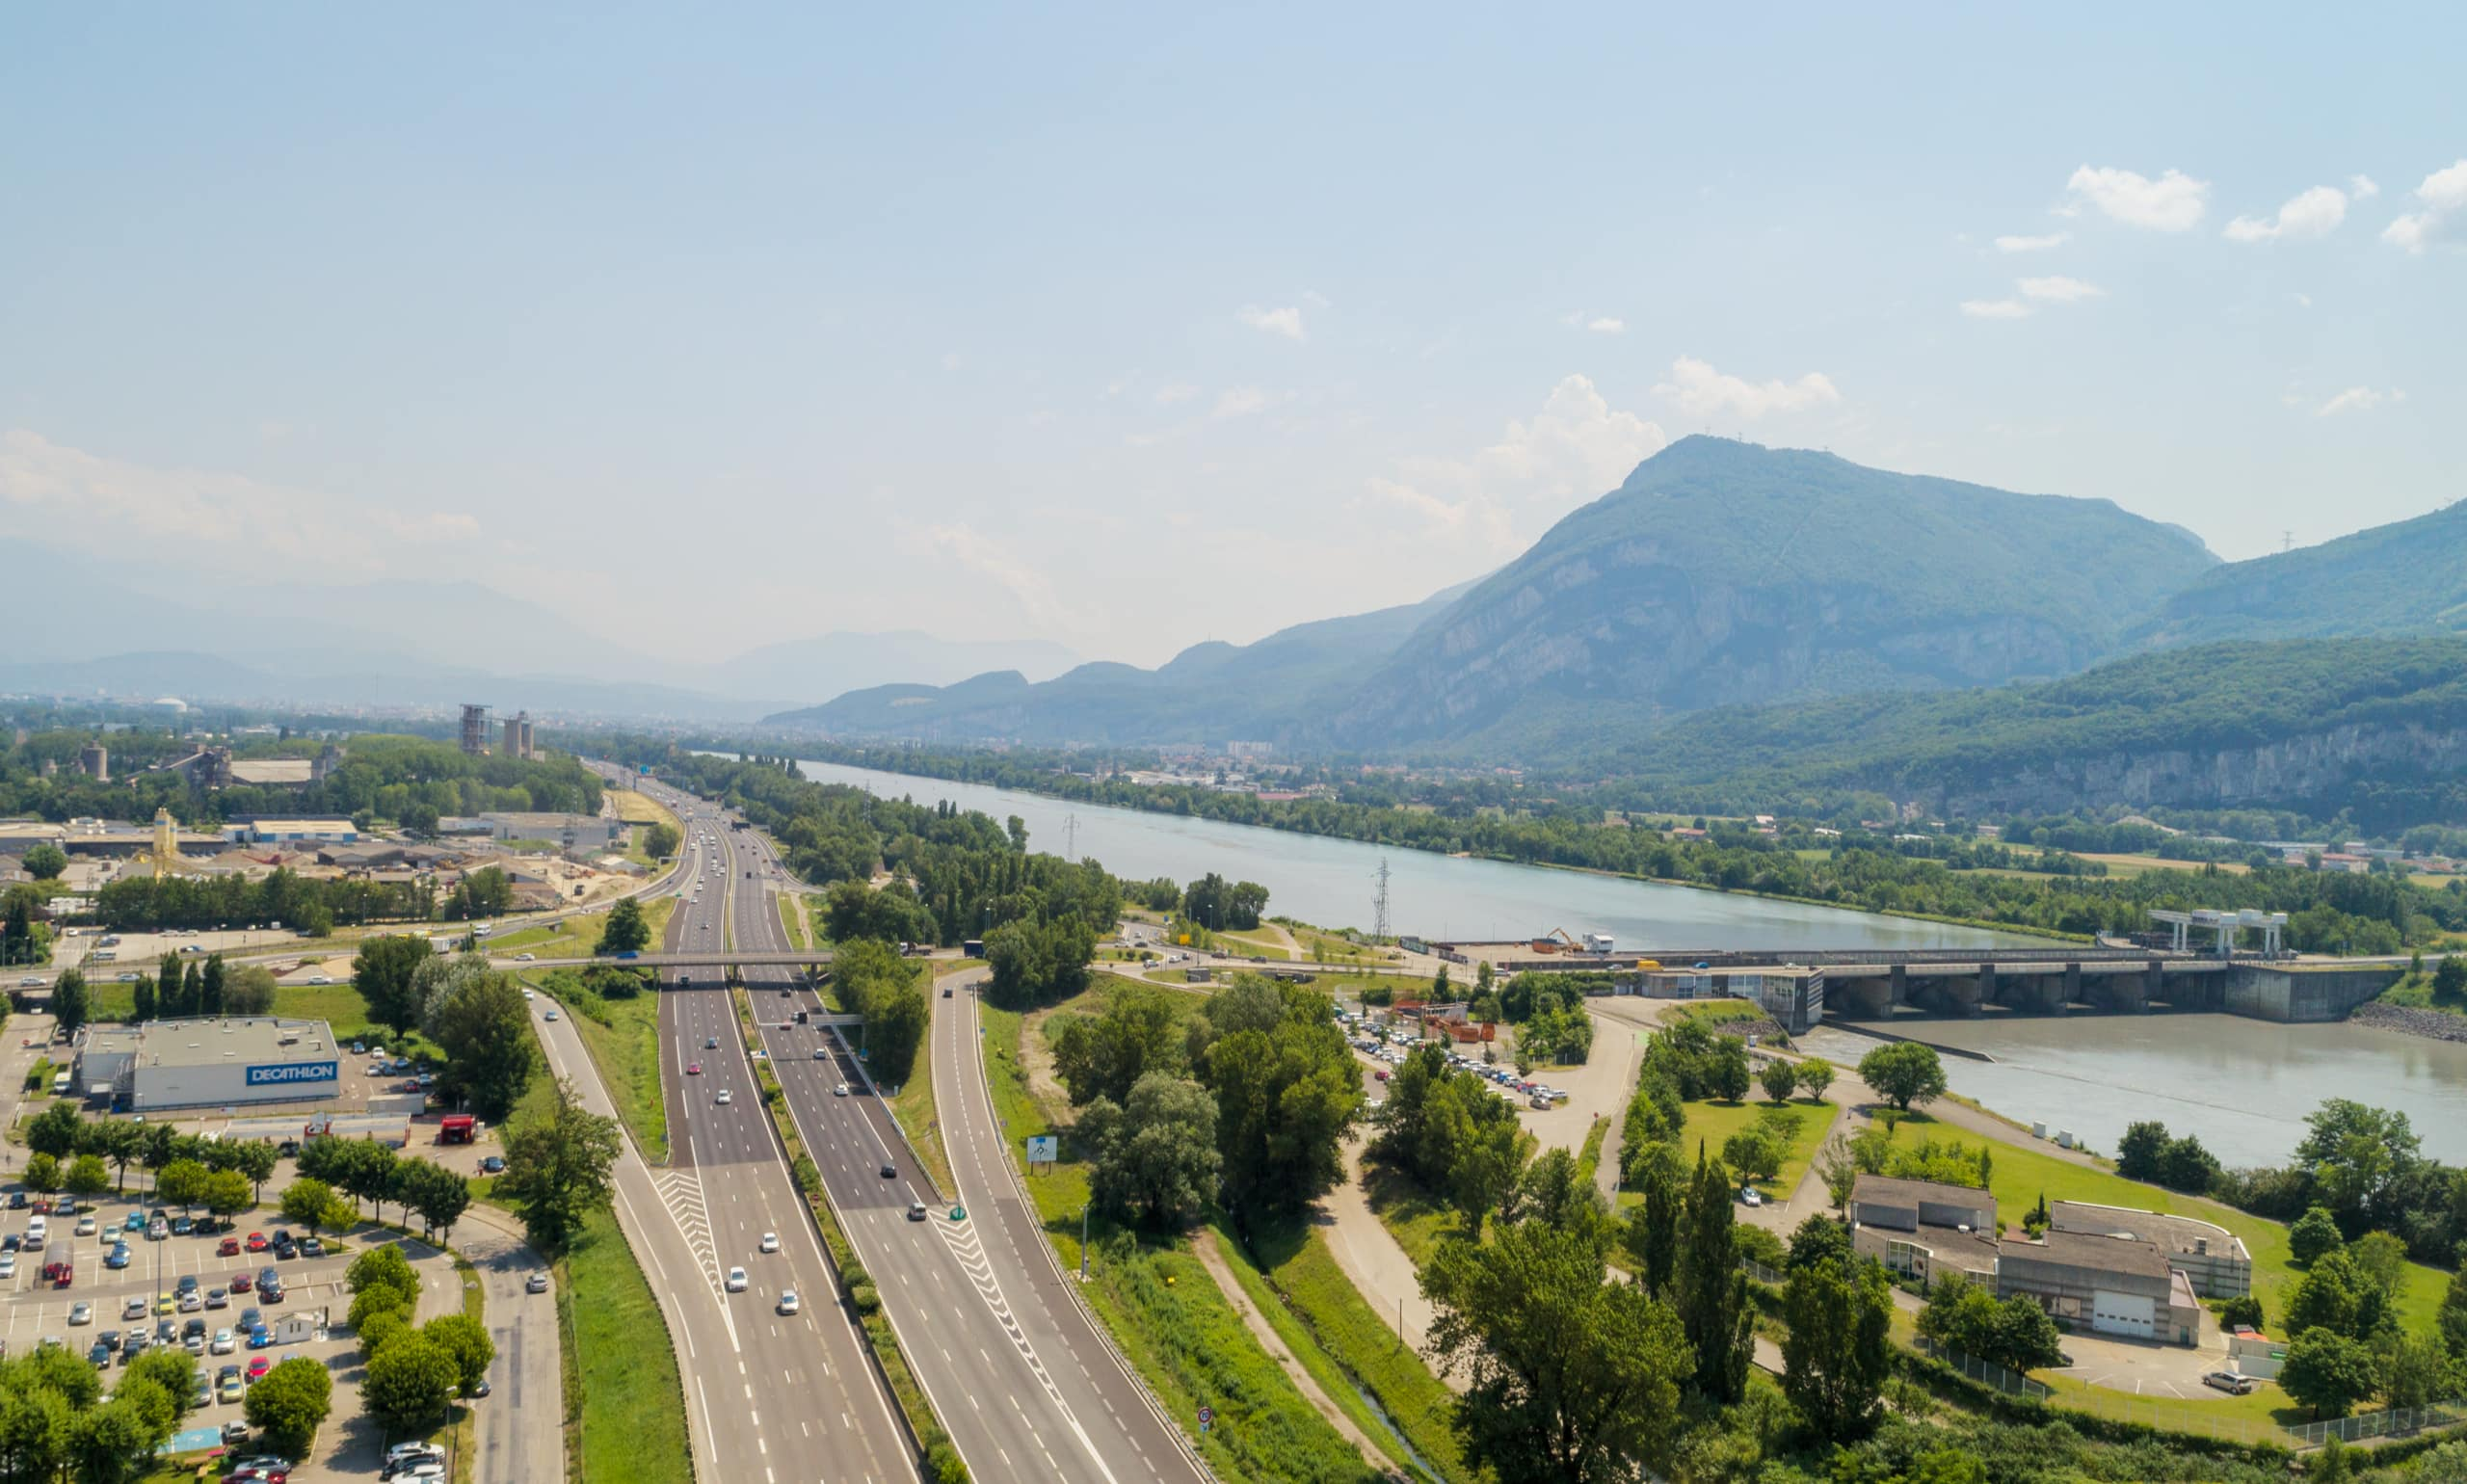 autoroute A480 le long de Grenoble vu du ciel